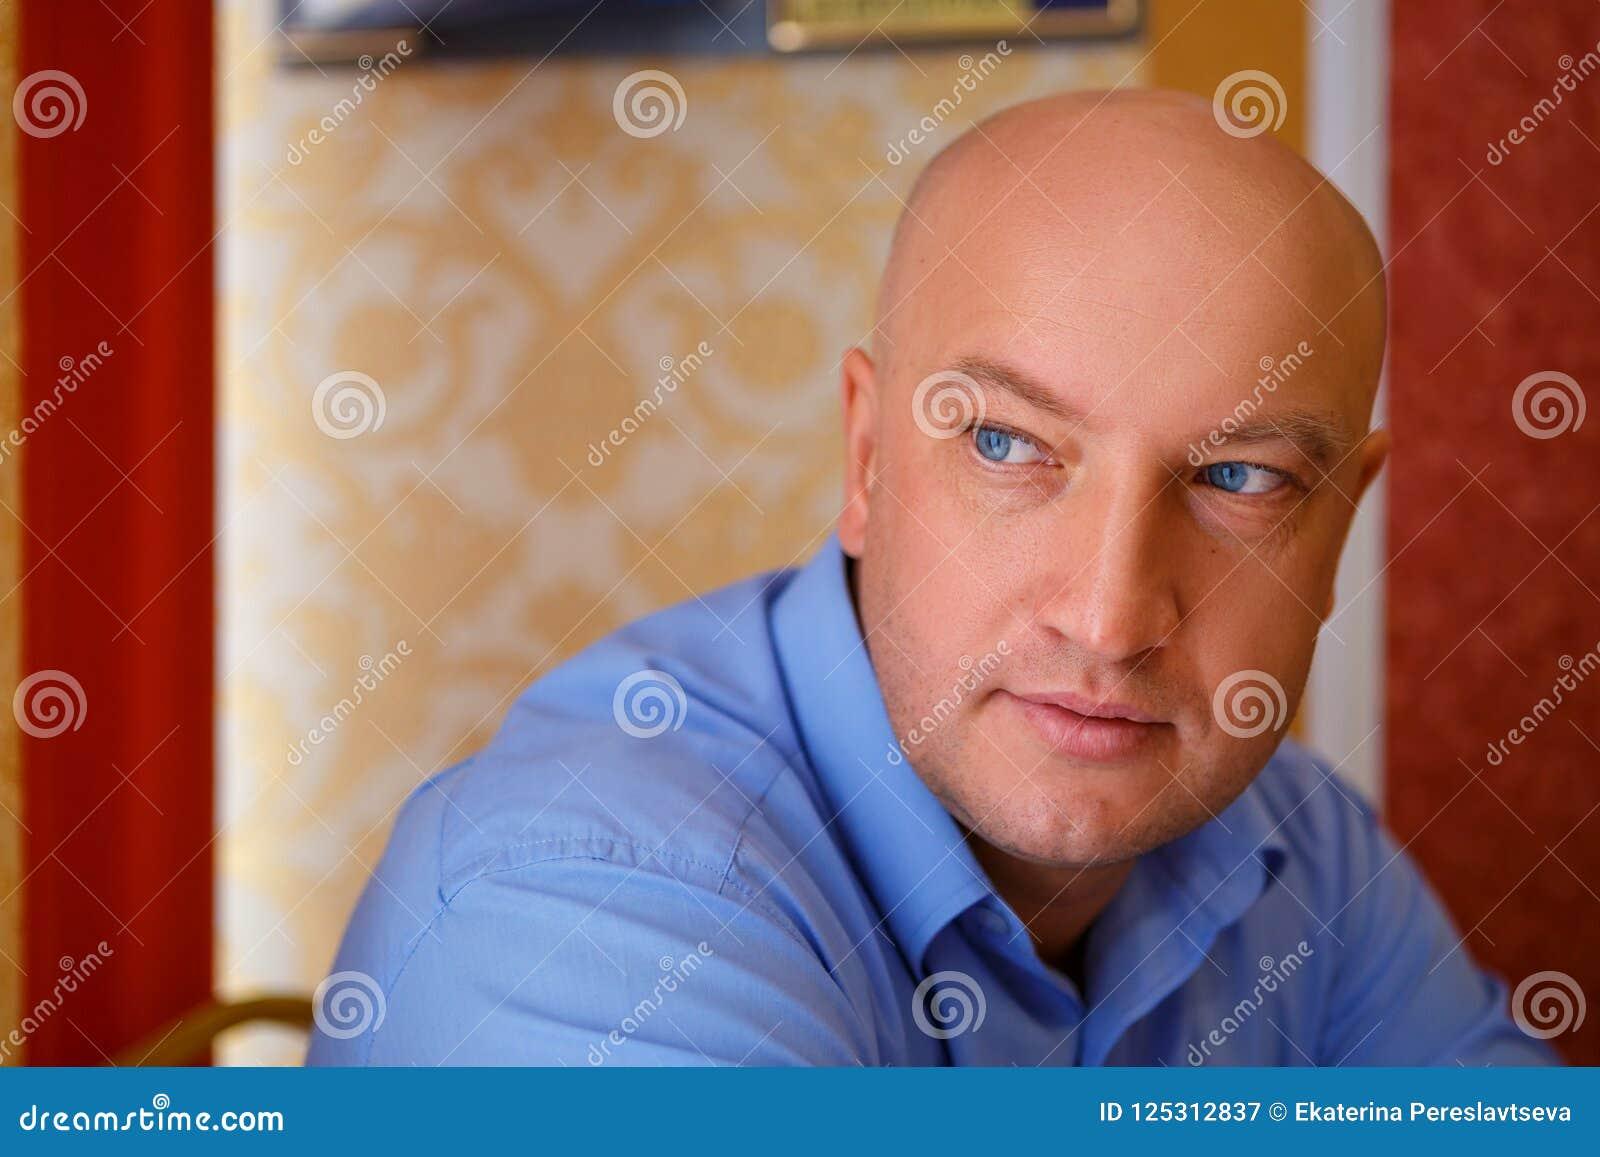 Porträt eines gutaussehenden Mannes in einem Hemd, das weg schaut